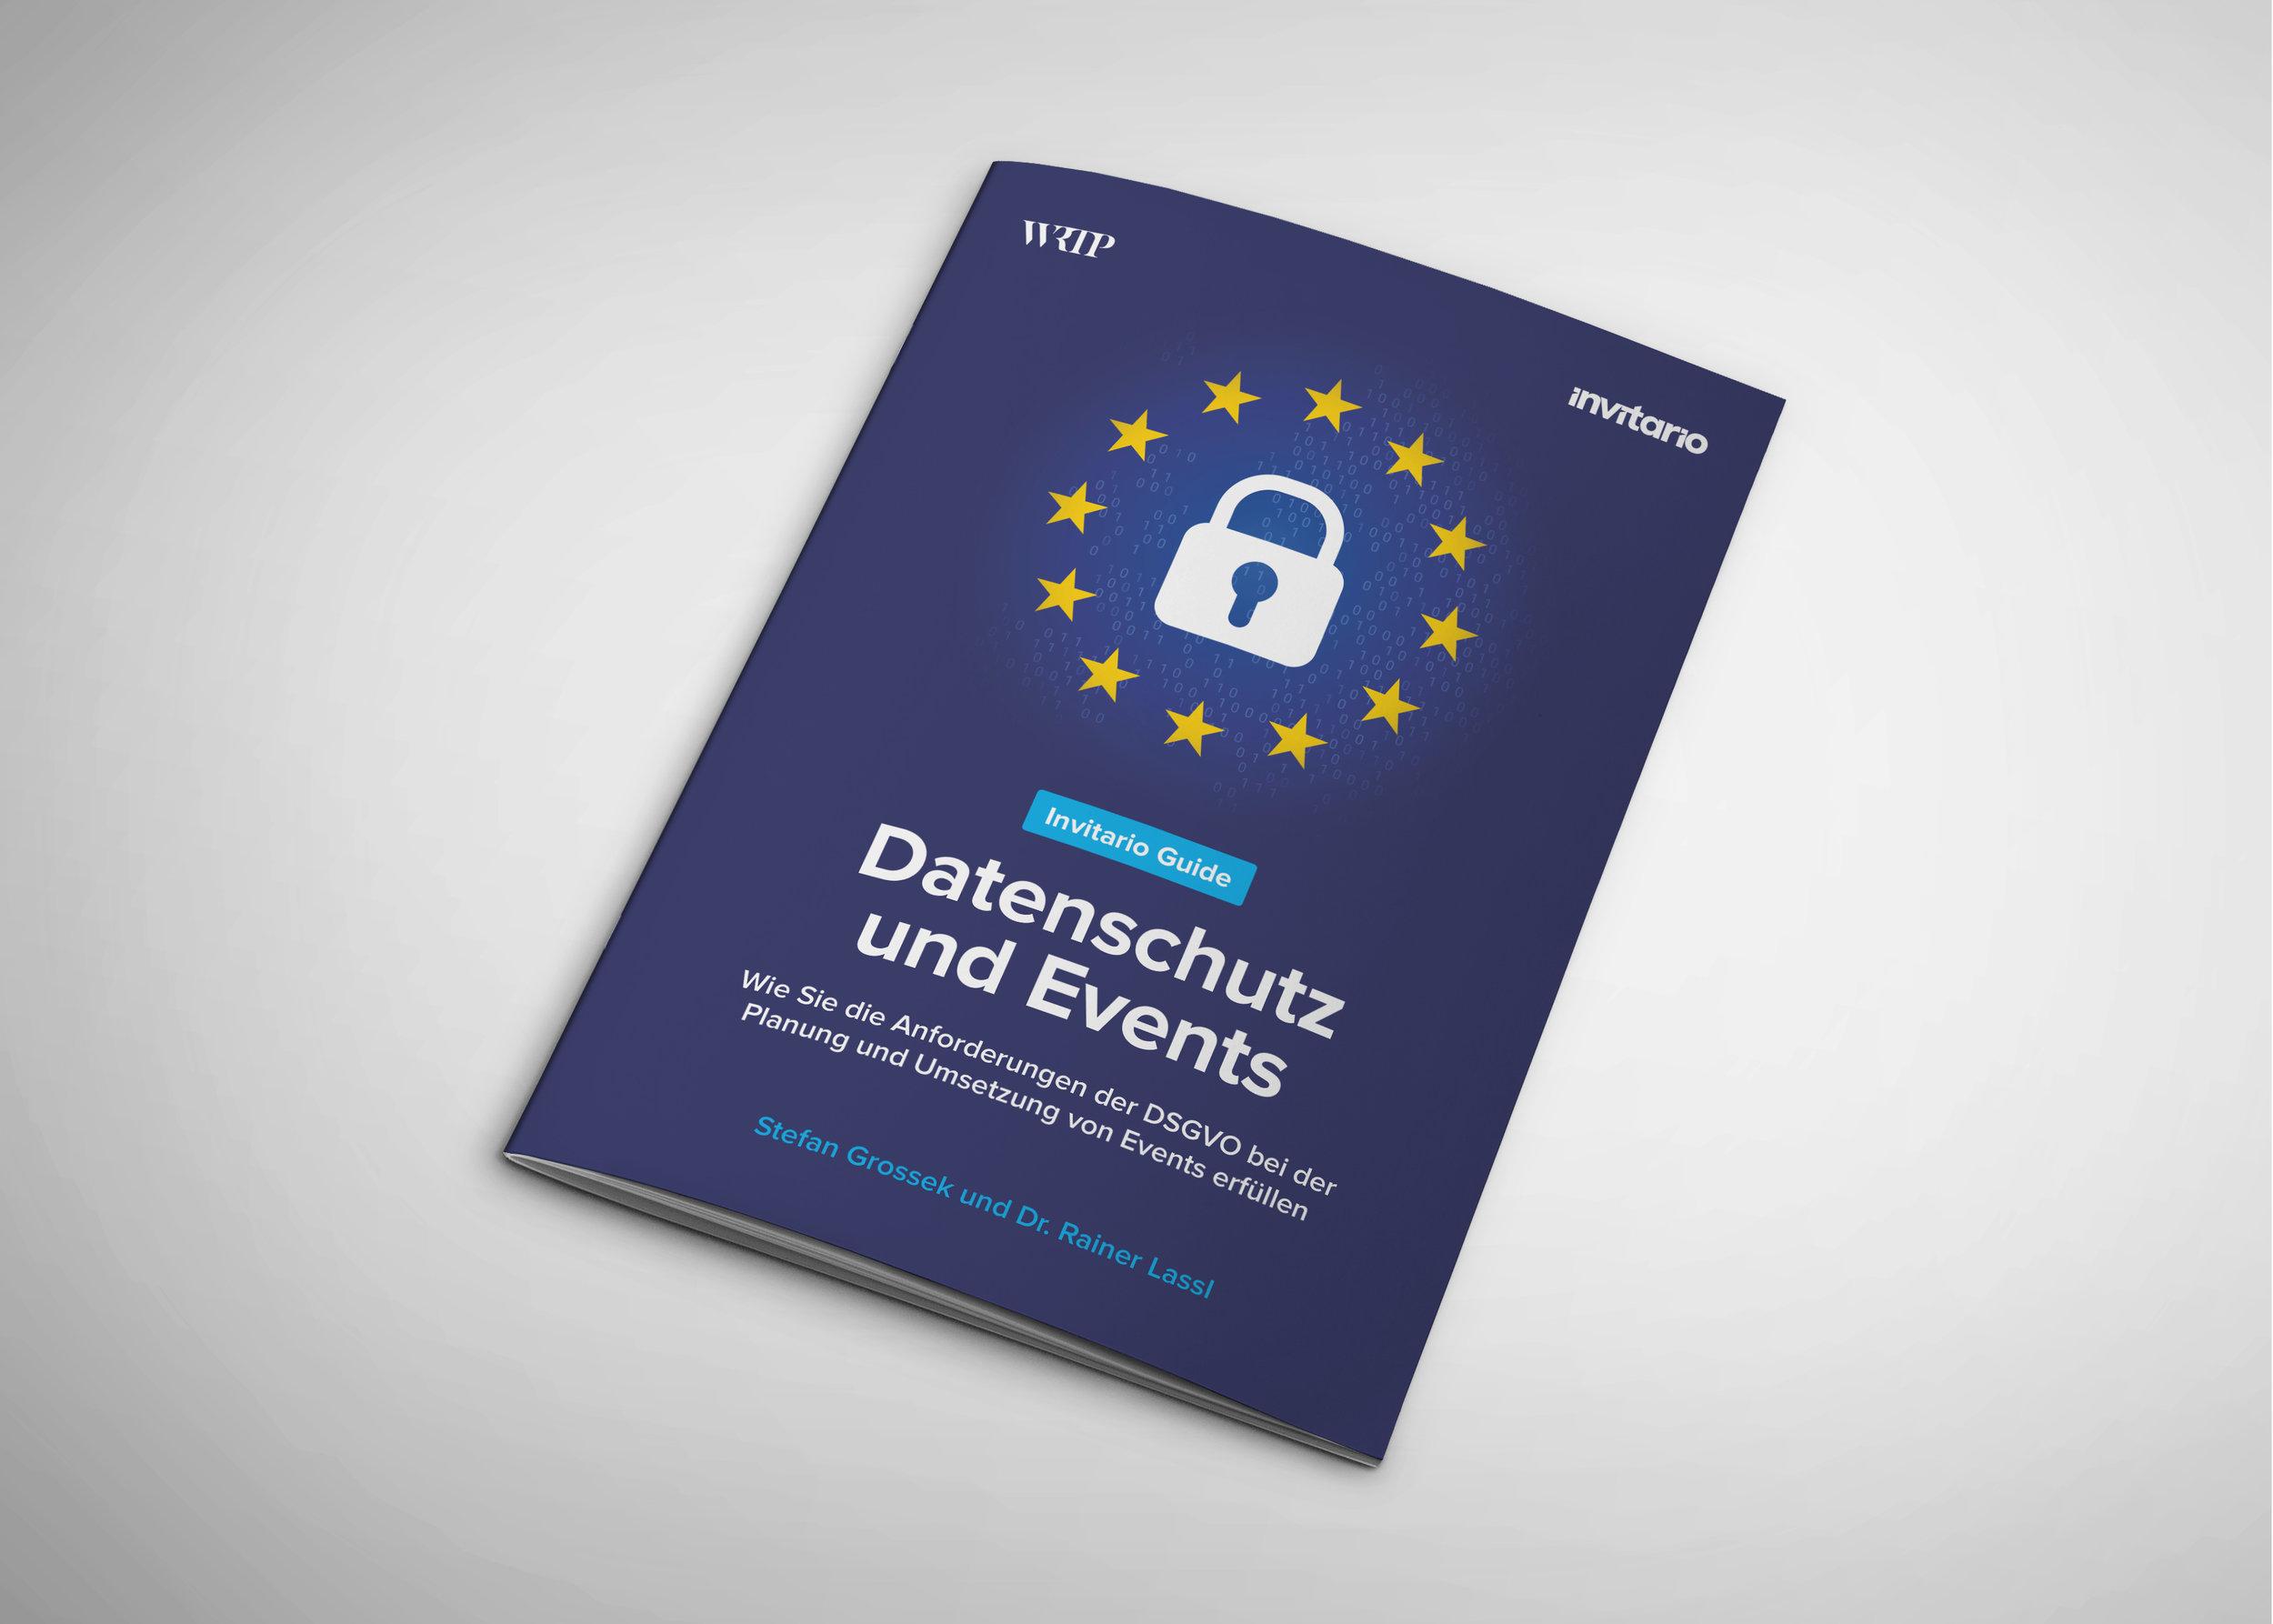 Der Guide Zu Datenschutz Und Events Alles Zu Den